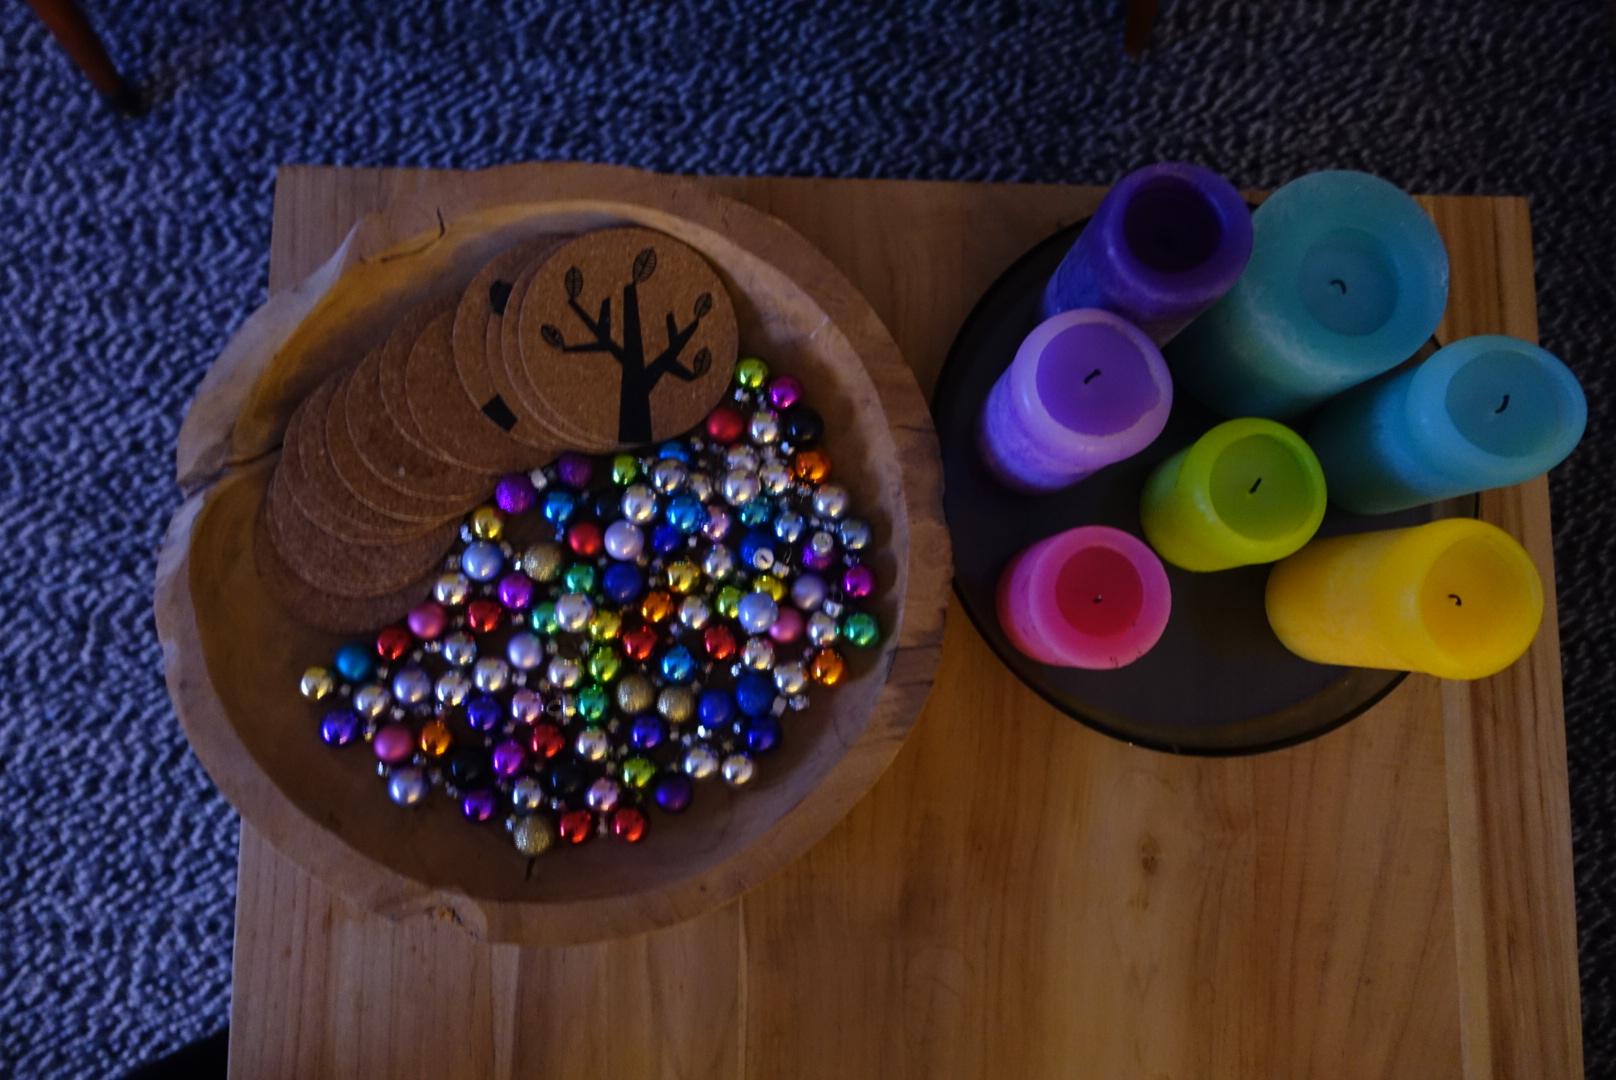 Kleine kerstballetjes in houten schaal